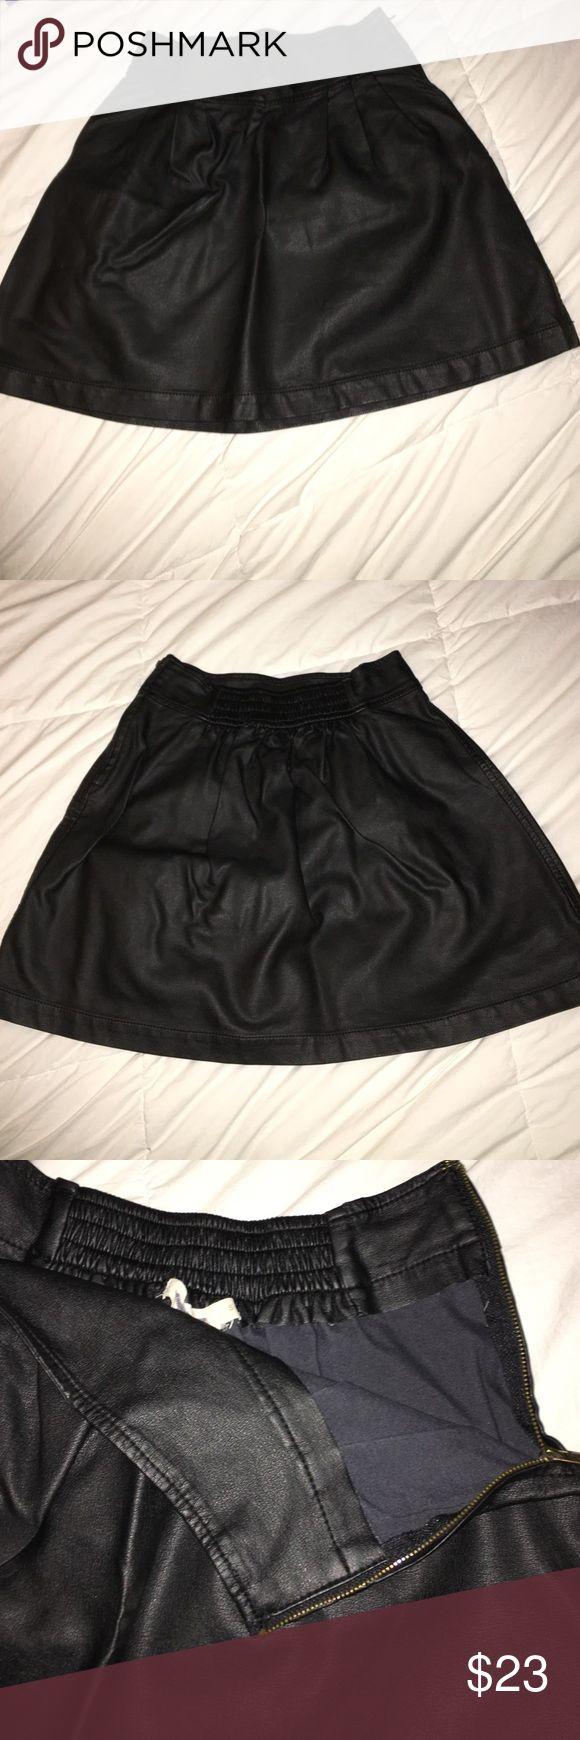 Vegan Leather Skater Skirt Silence + Noise Urban Outfitters Skater Skirt size small elastic waistband in back silence + noise Skirts Circle & Skater